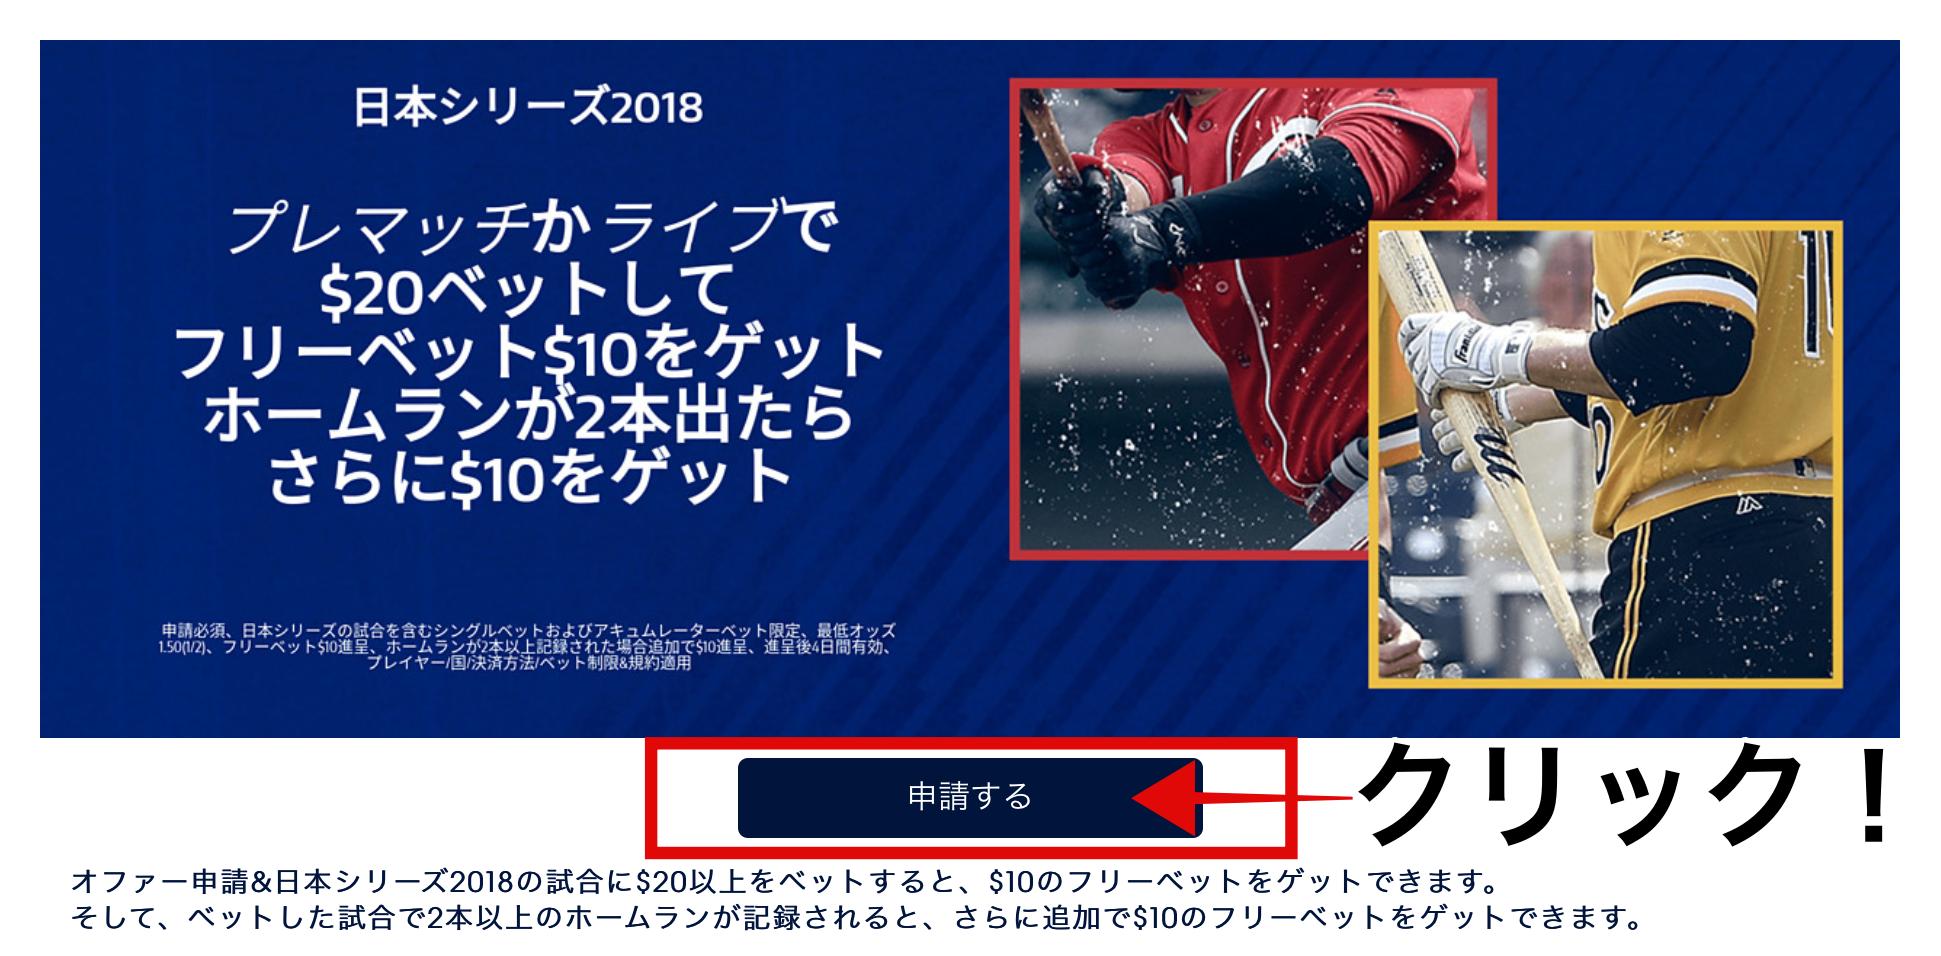 2018日本シリーズ・ウィリアムヒルキャンペーン